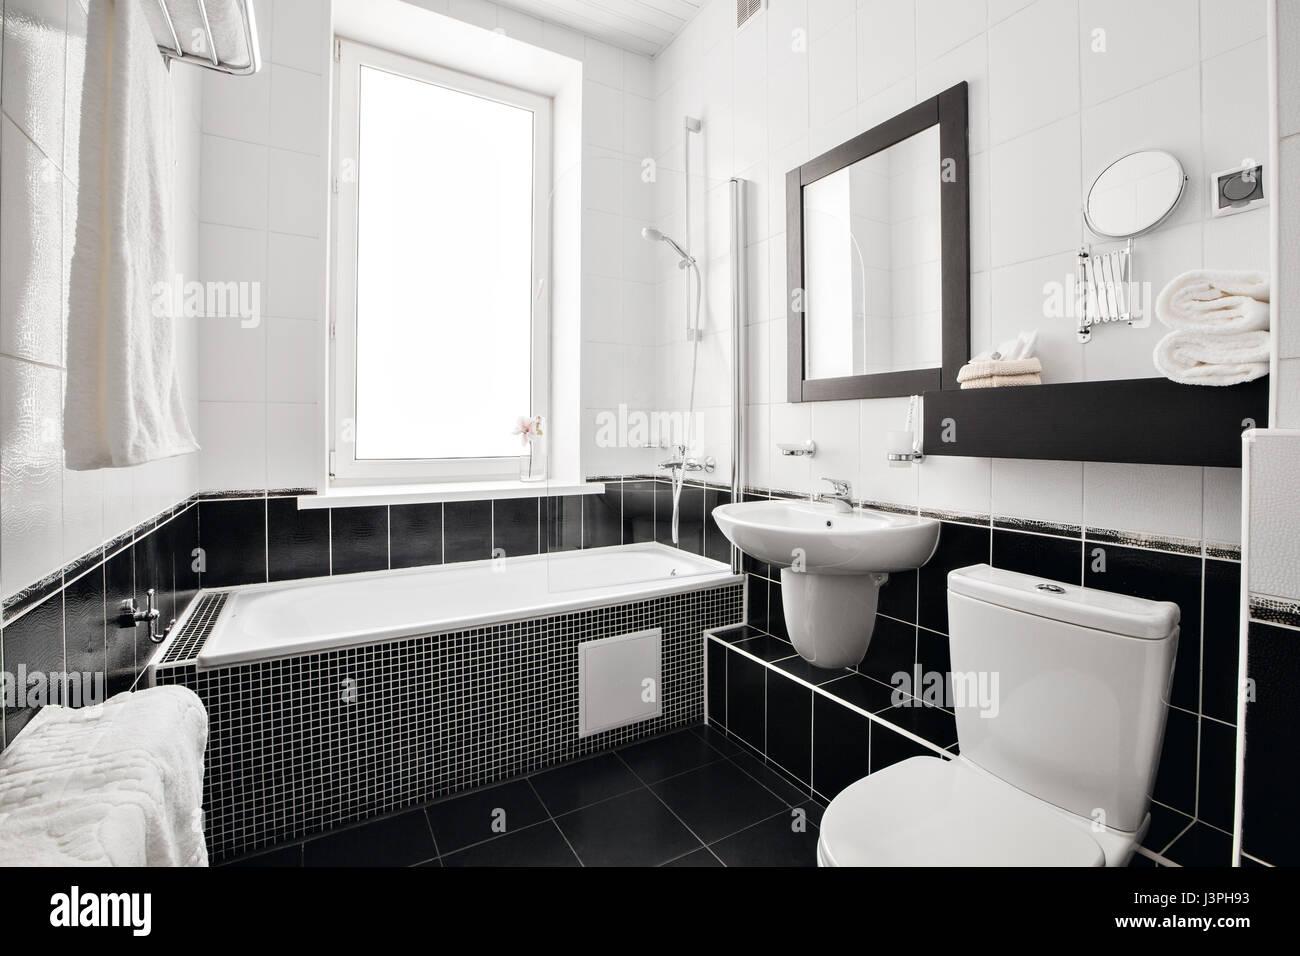 Moderne luxus badezimmer  Moderne Luxus-Badezimmer mit Badewanne und Fenster. Interior Design ...